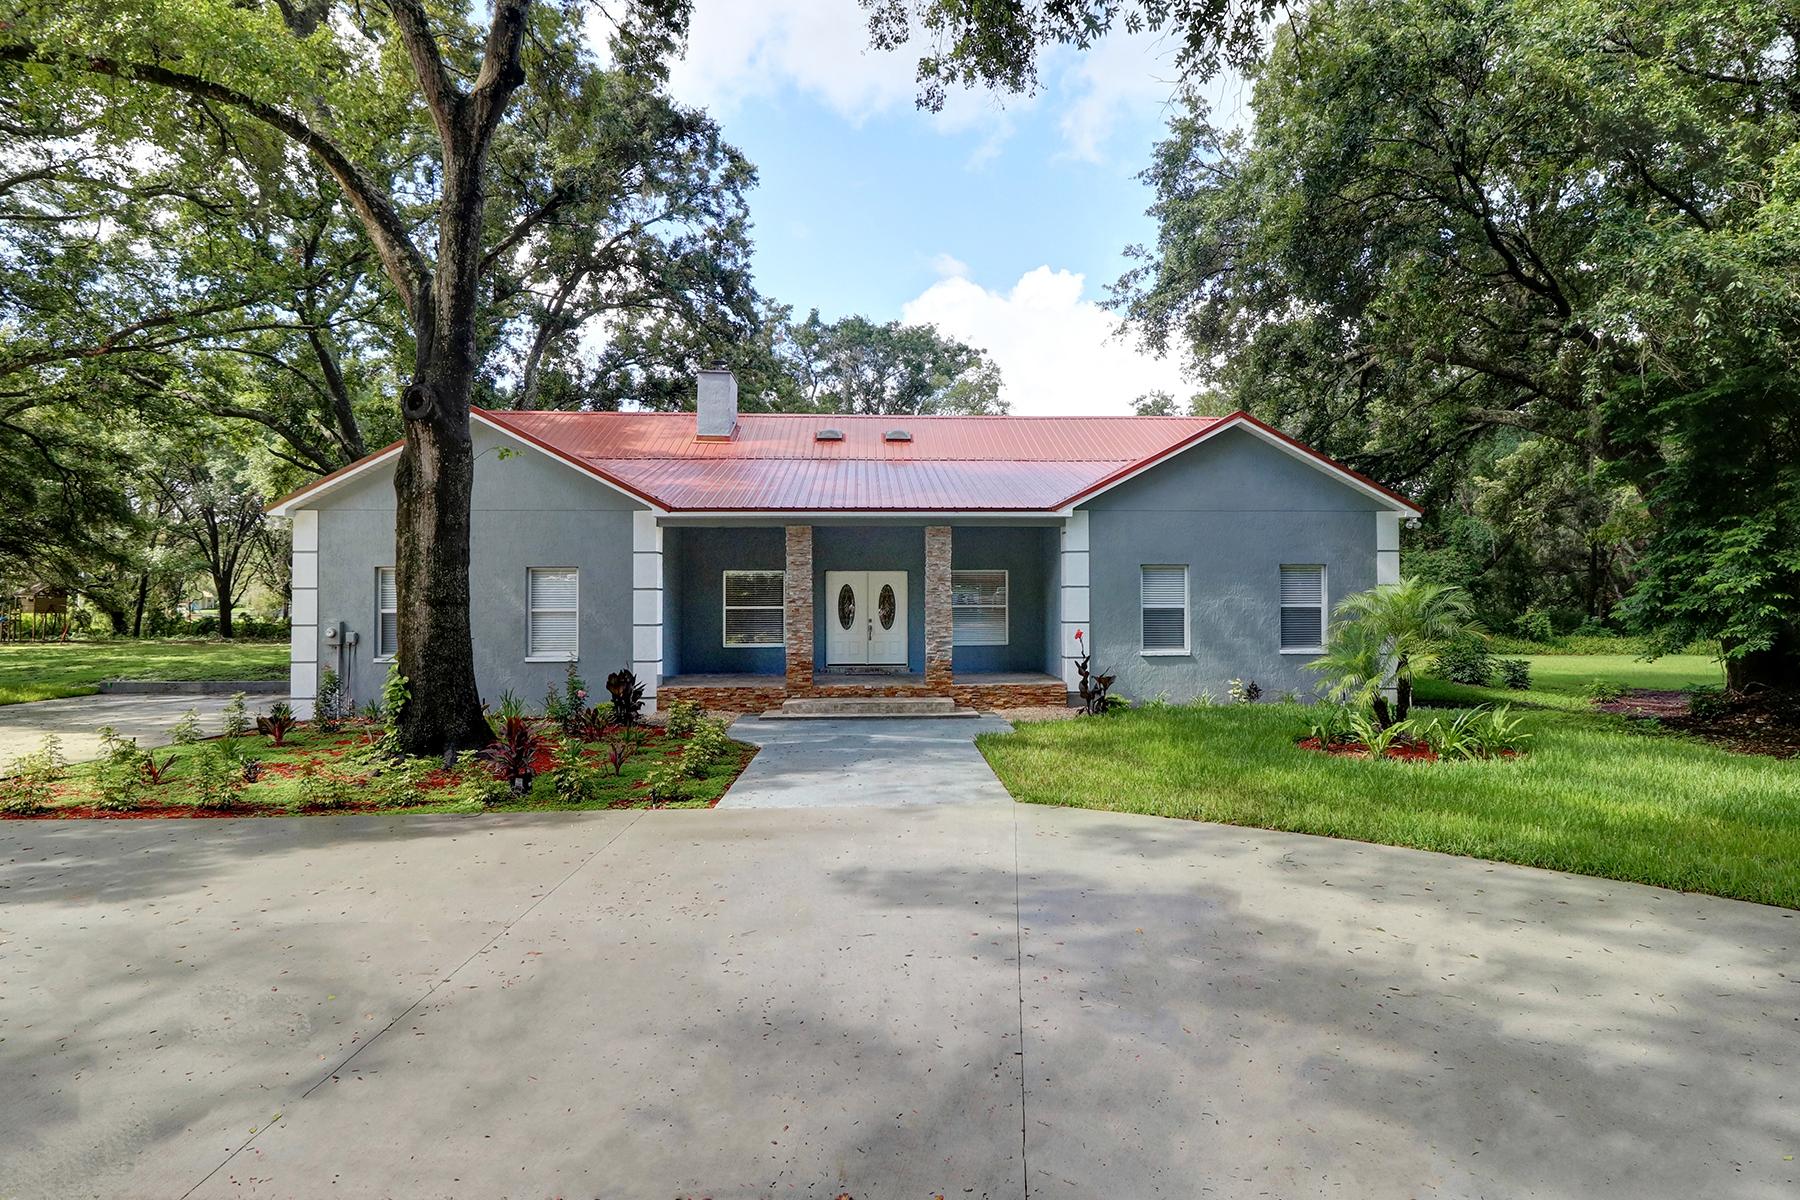 Casa para uma família para Venda às PLANT CITY 3005 Pemberton Trace Ct Plant City, Florida, 33565 Estados Unidos